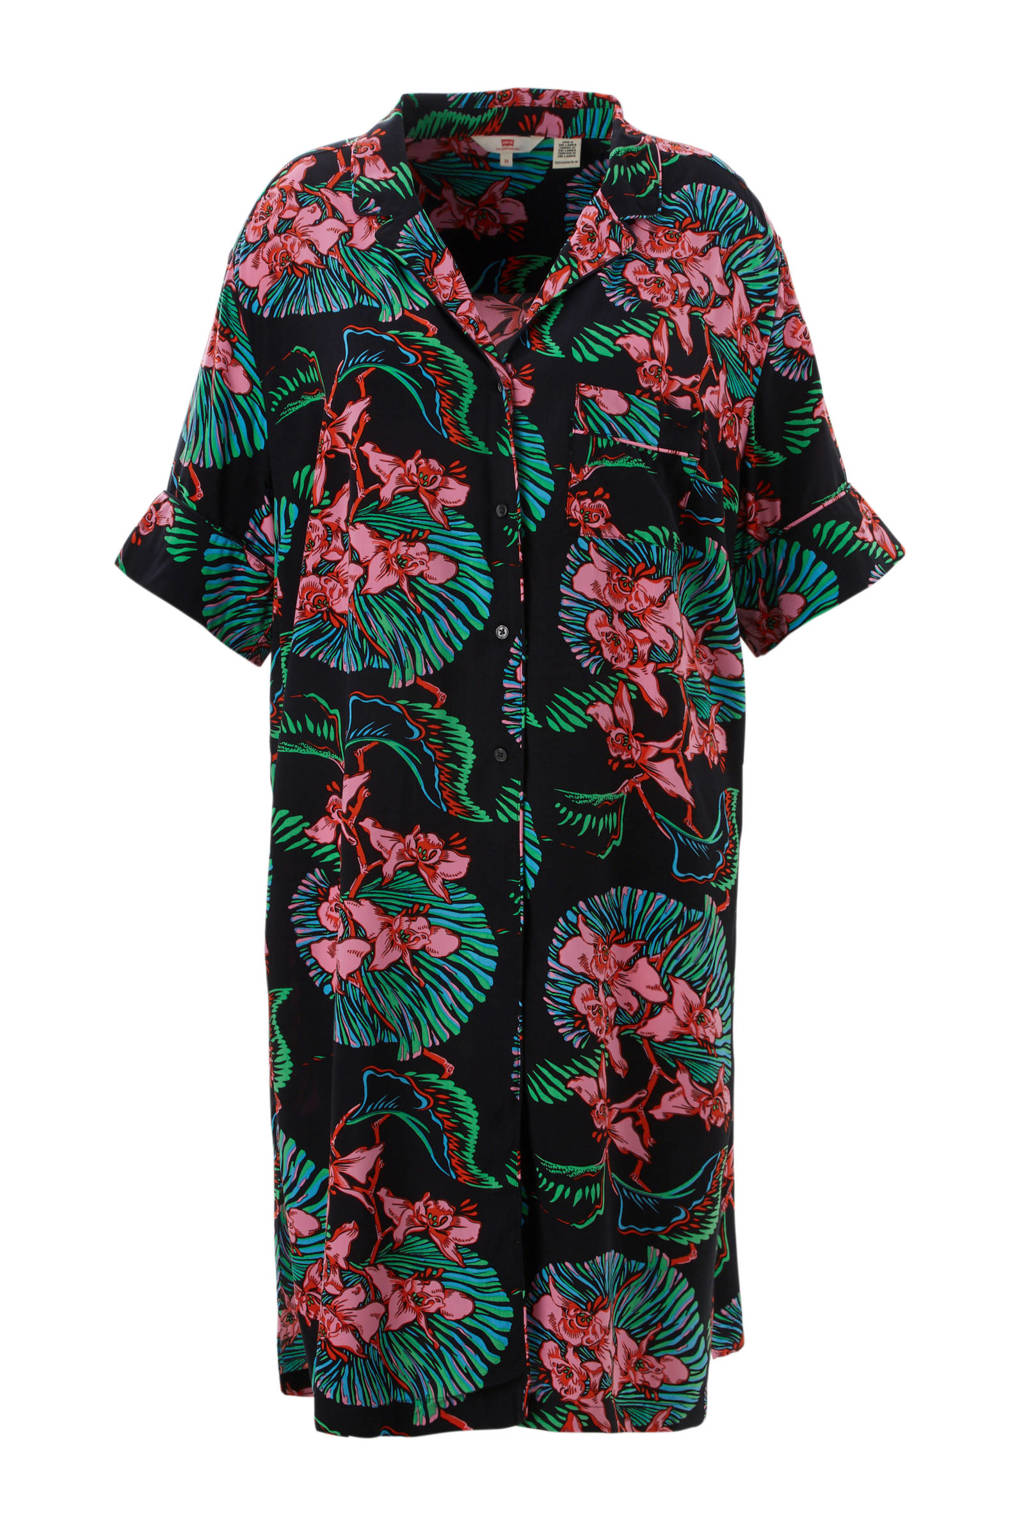 Levi's Plus tuniek met bloemen zwart, Zwart/roze/groen